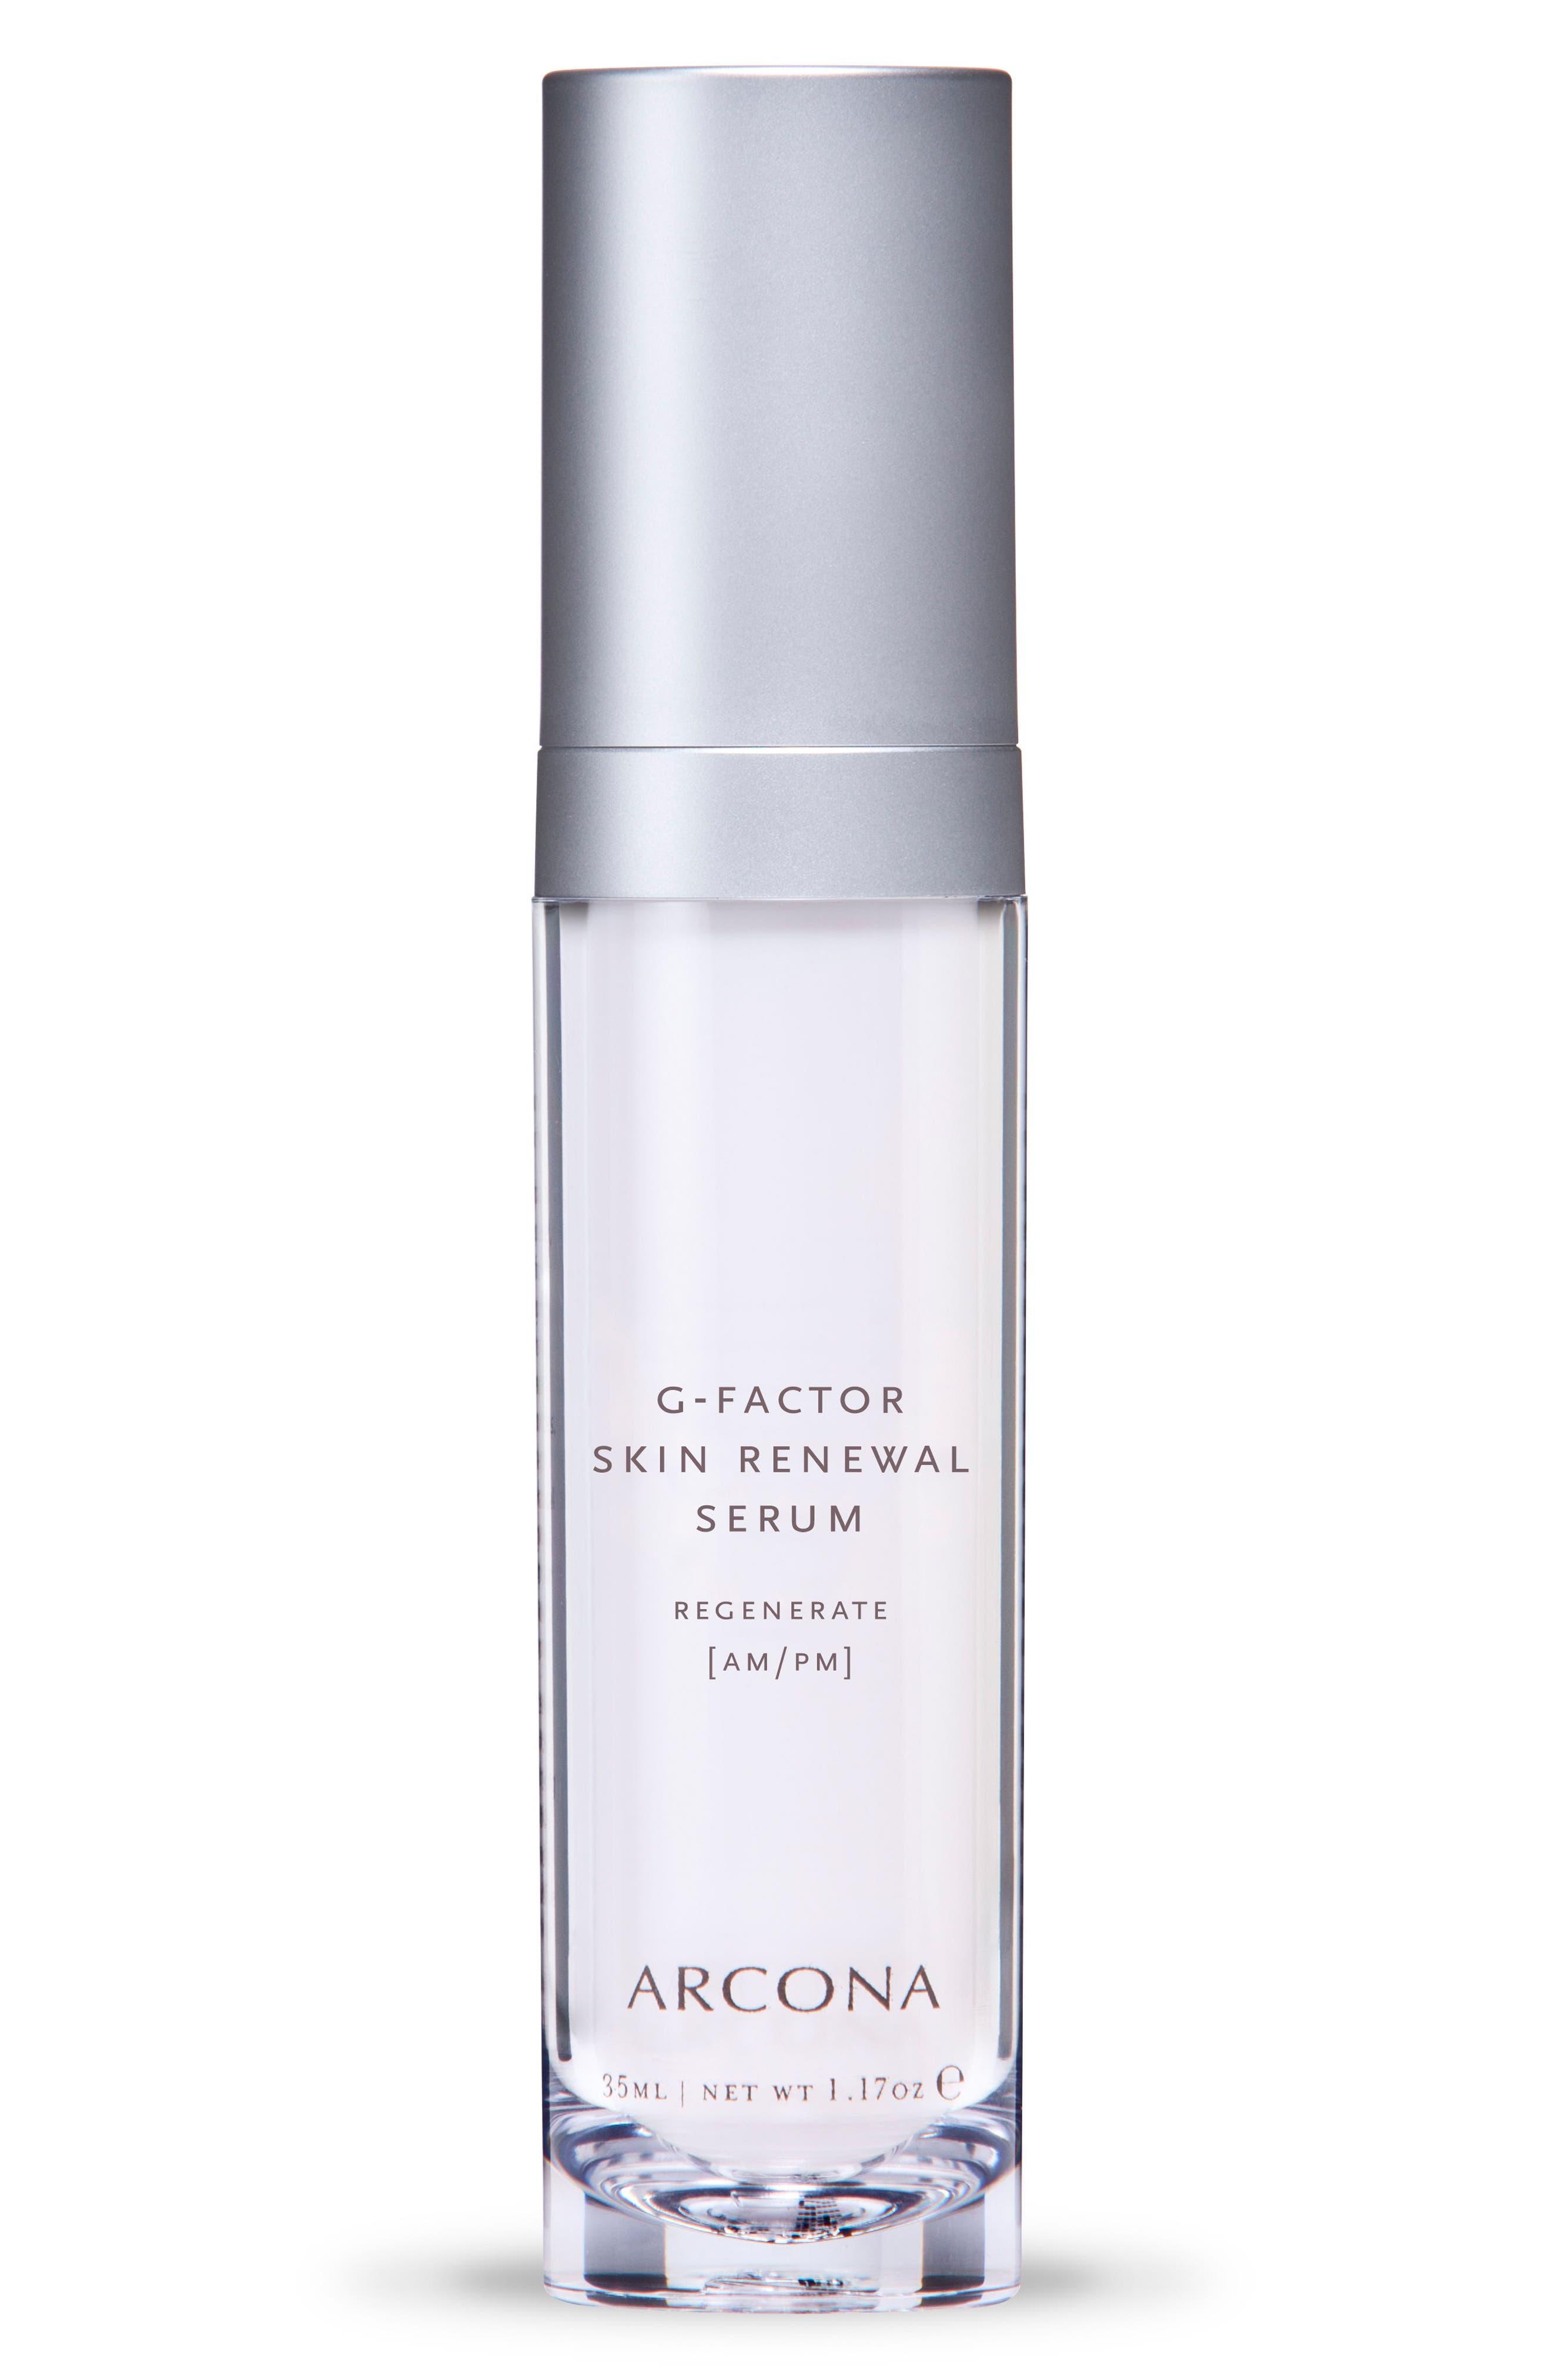 Main Image - ARCONA G-Factor Skin Renewal Serum